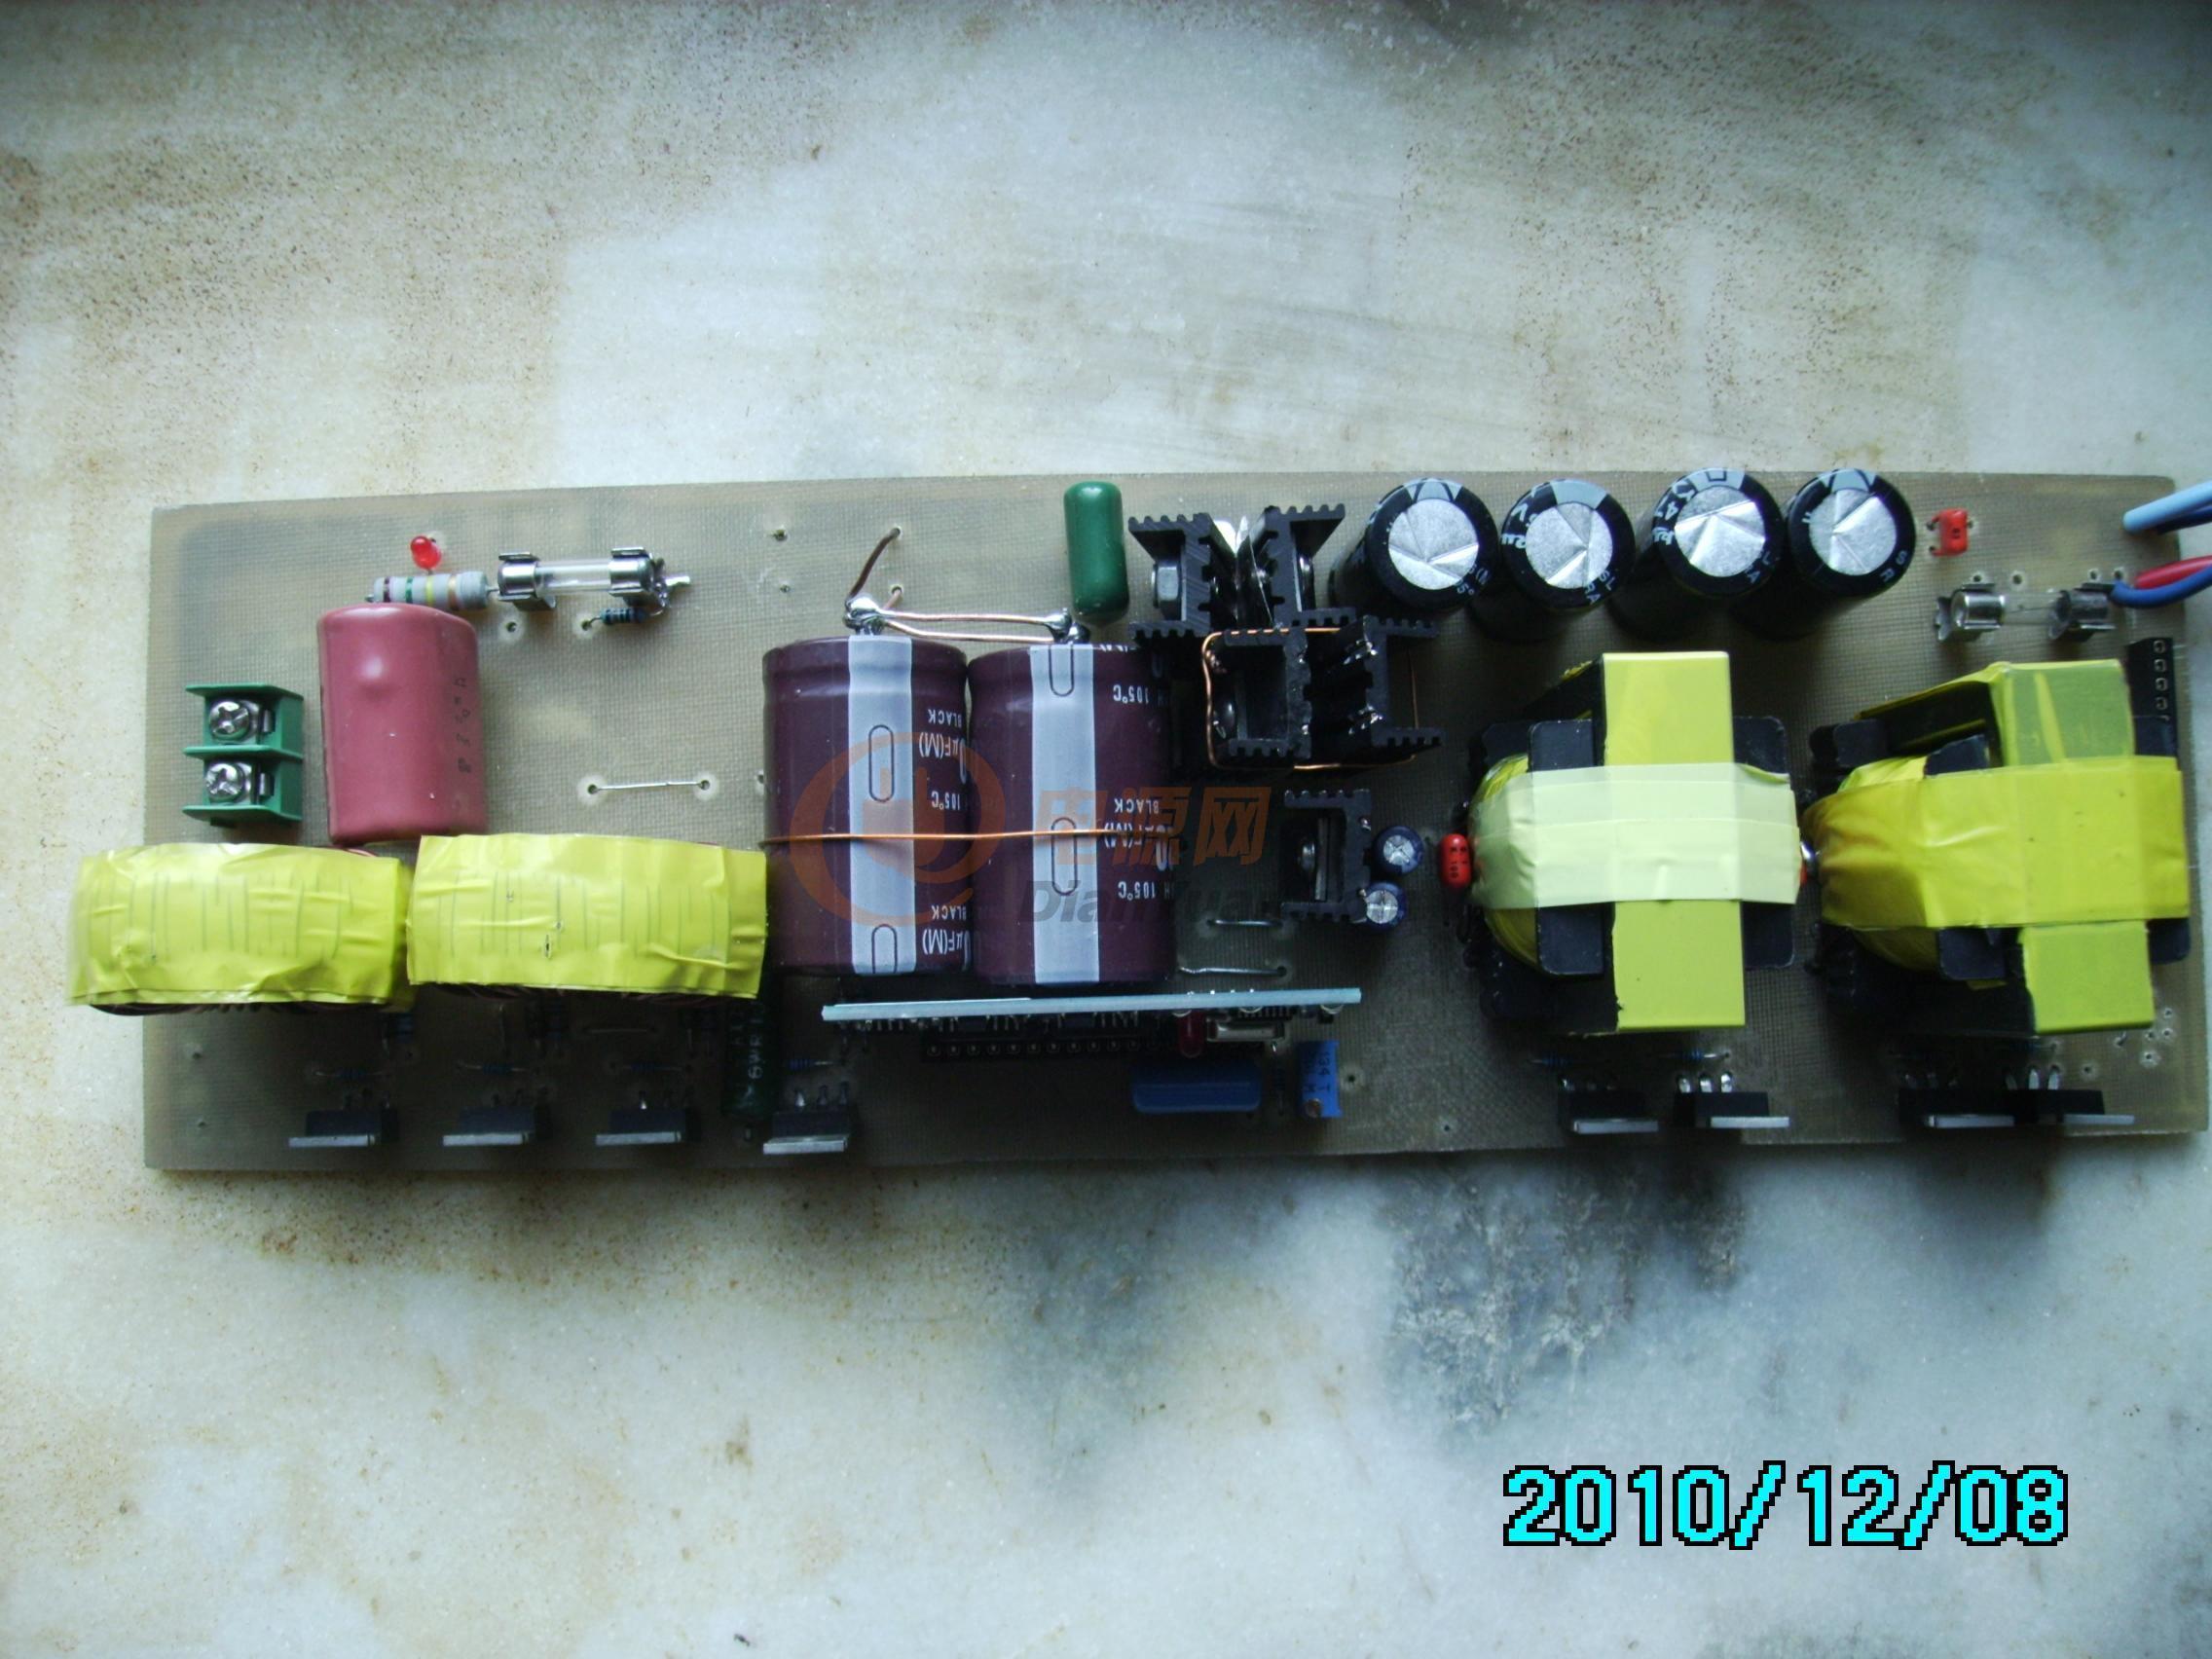 手工打造1000w纯正弦波逆变器-电源网